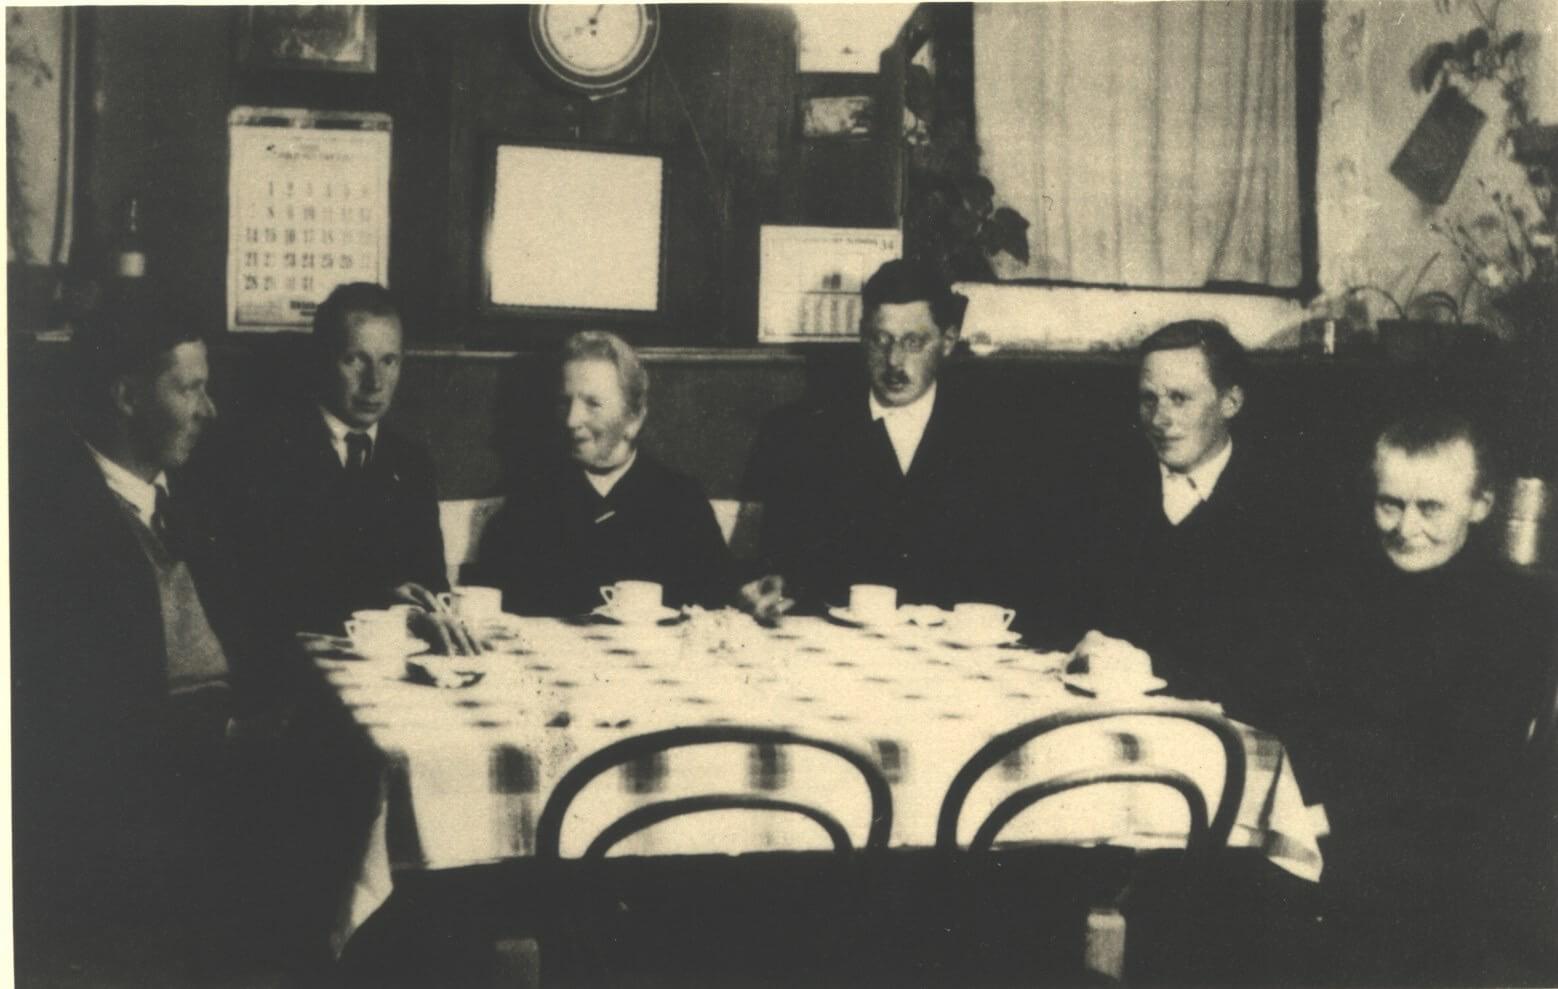 Familienfoto vom Postmayr aus dem Jahre 1934 von rechts Mutter Mayr, Heinrich, Karl, Ernst und Franz